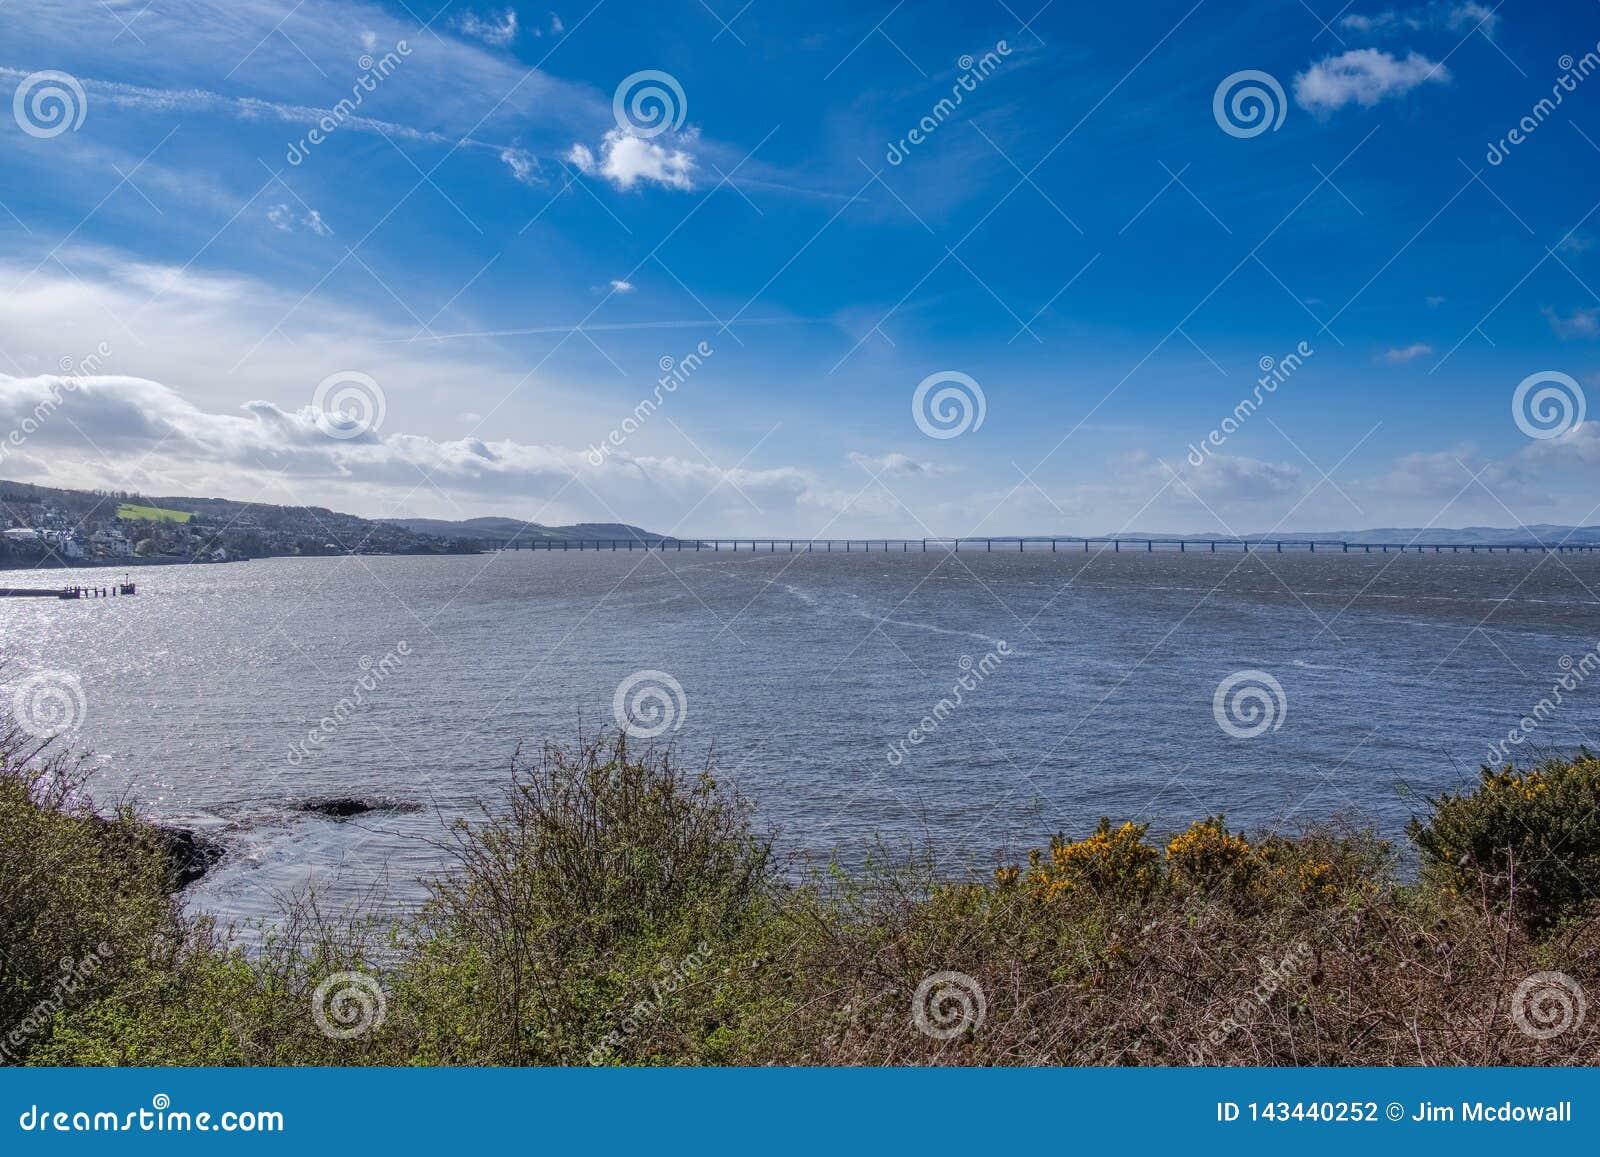 Όμορφο Tay και η γέφυρα ραγών Tay στο Dundee με σαφές μπλε Skys στη Σκωτία